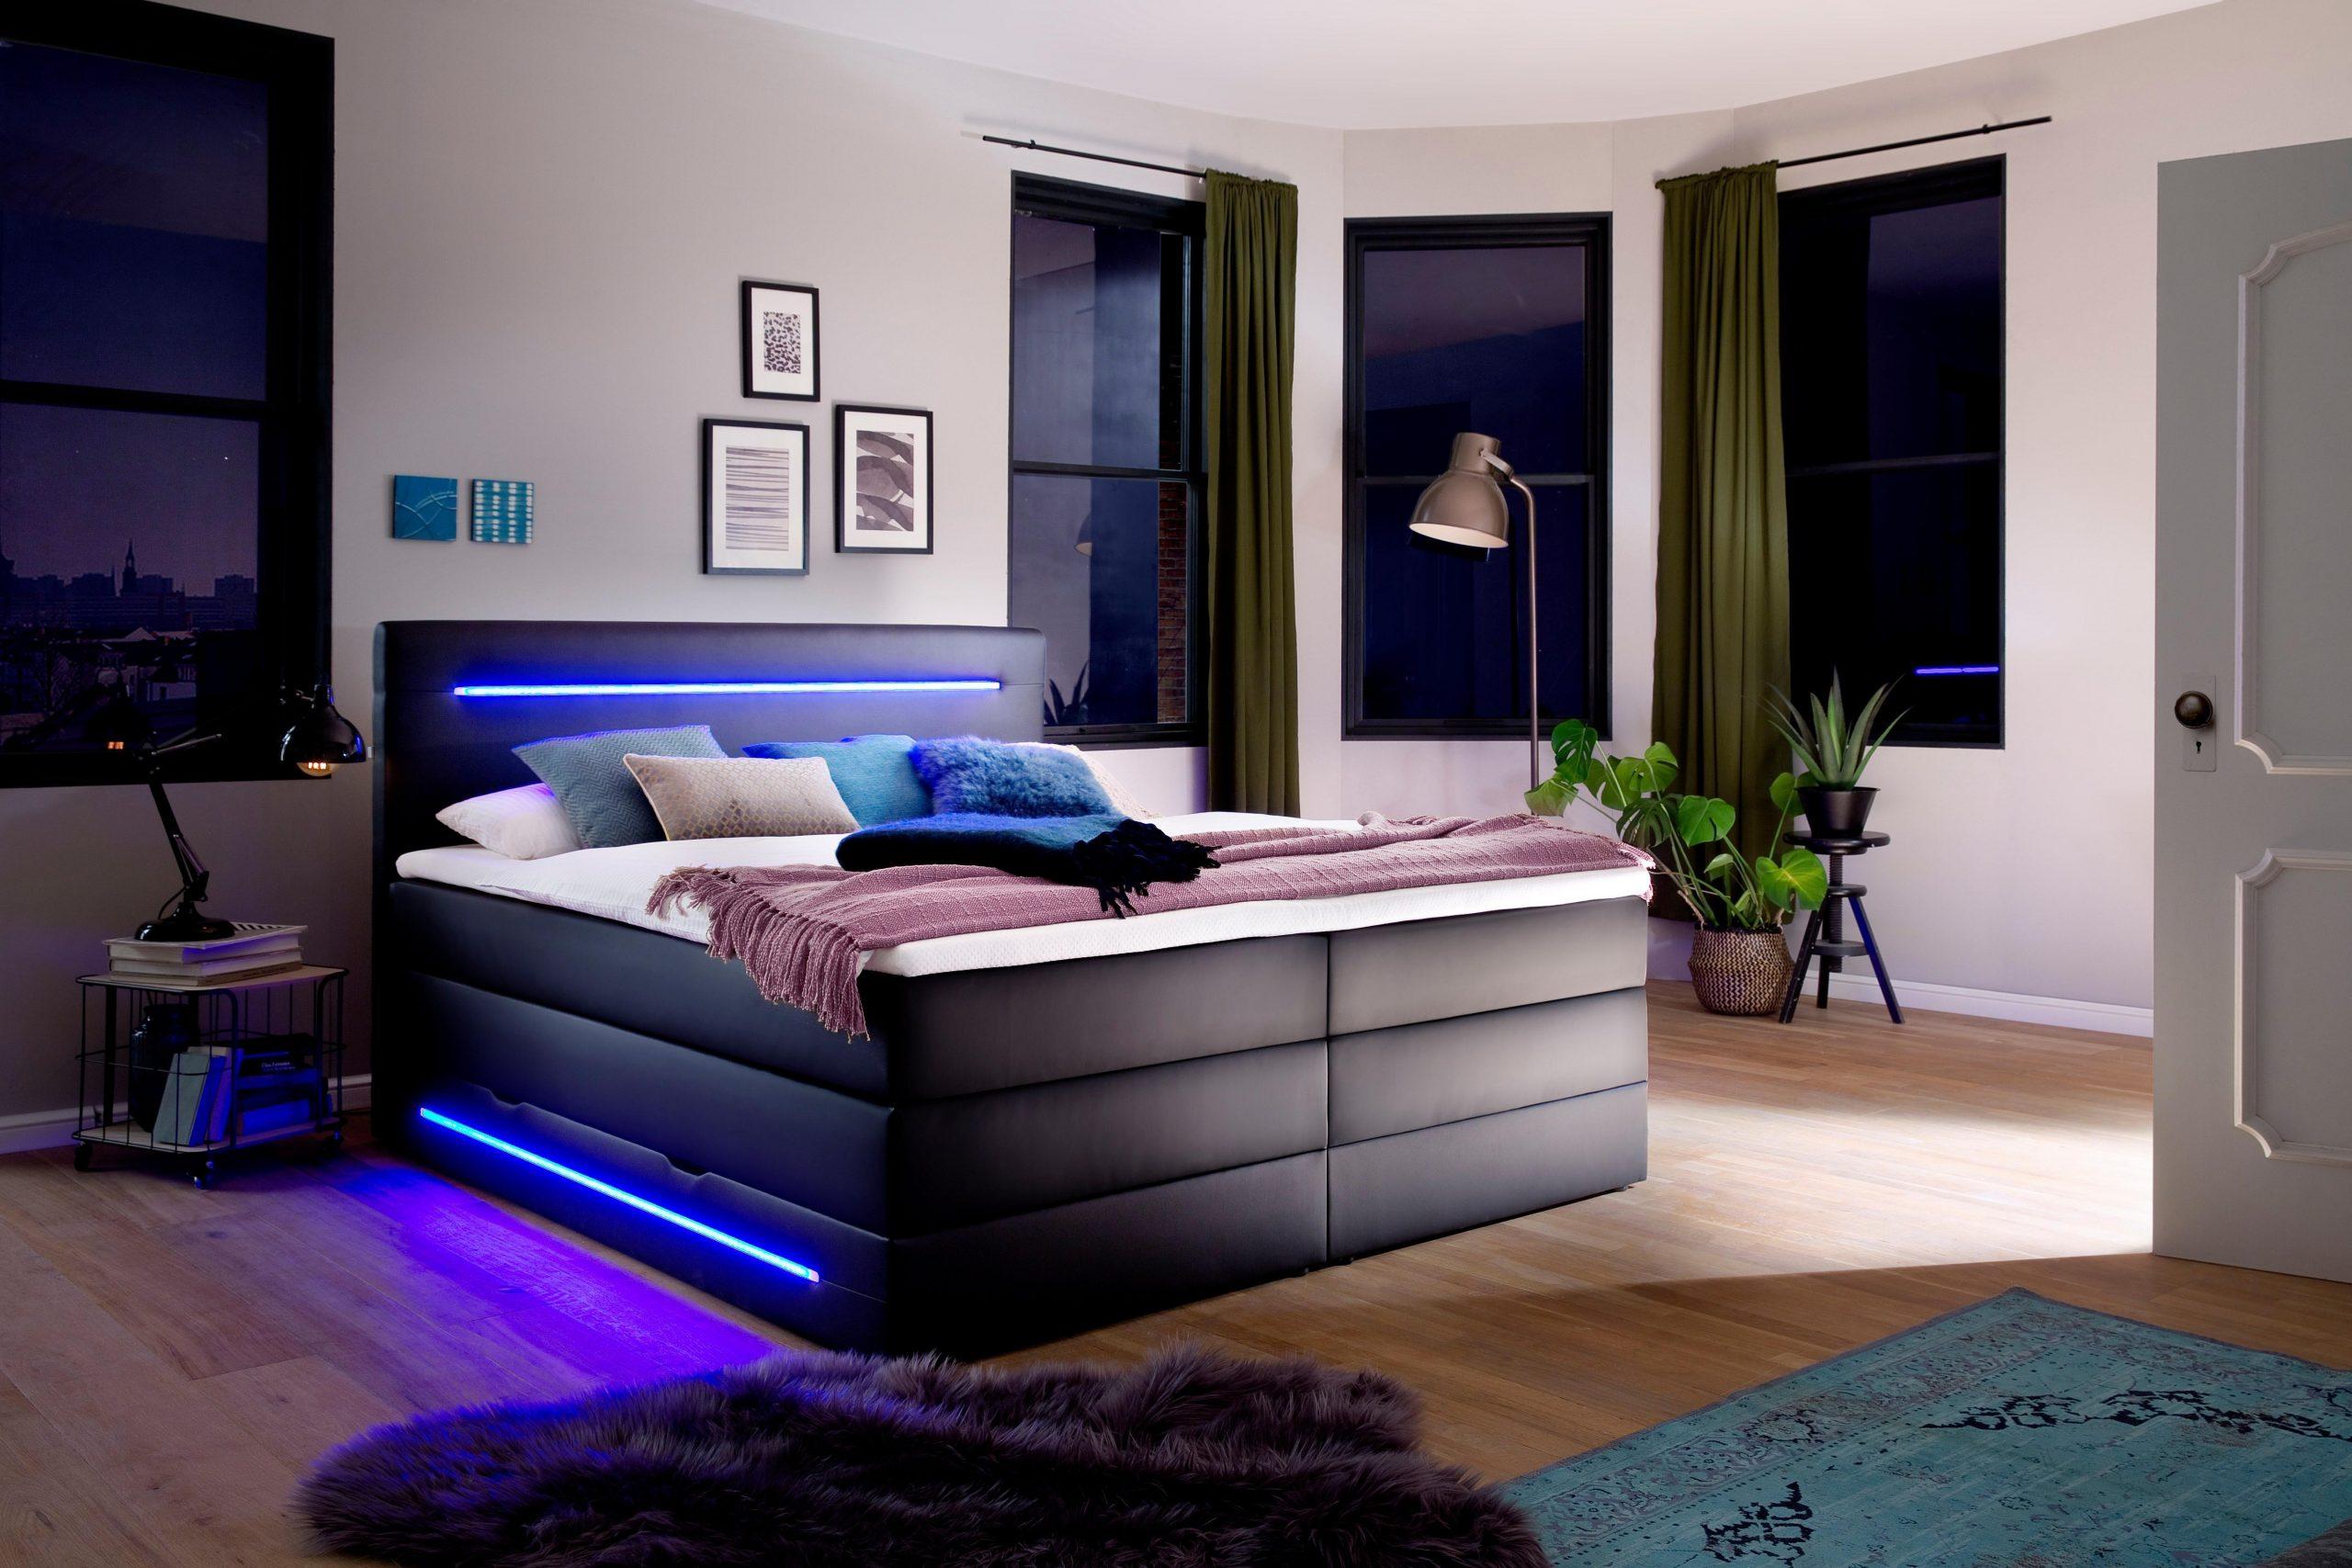 Full Size of Meise Betten Meisembel Boxspringbett Mit Led Beleuchtung In Blau Baur 140x200 Gebrauchte Aus Holz Französische Amazon Ruf Teenager Bei Ikea 180x200 Schöne Bett Meise Betten